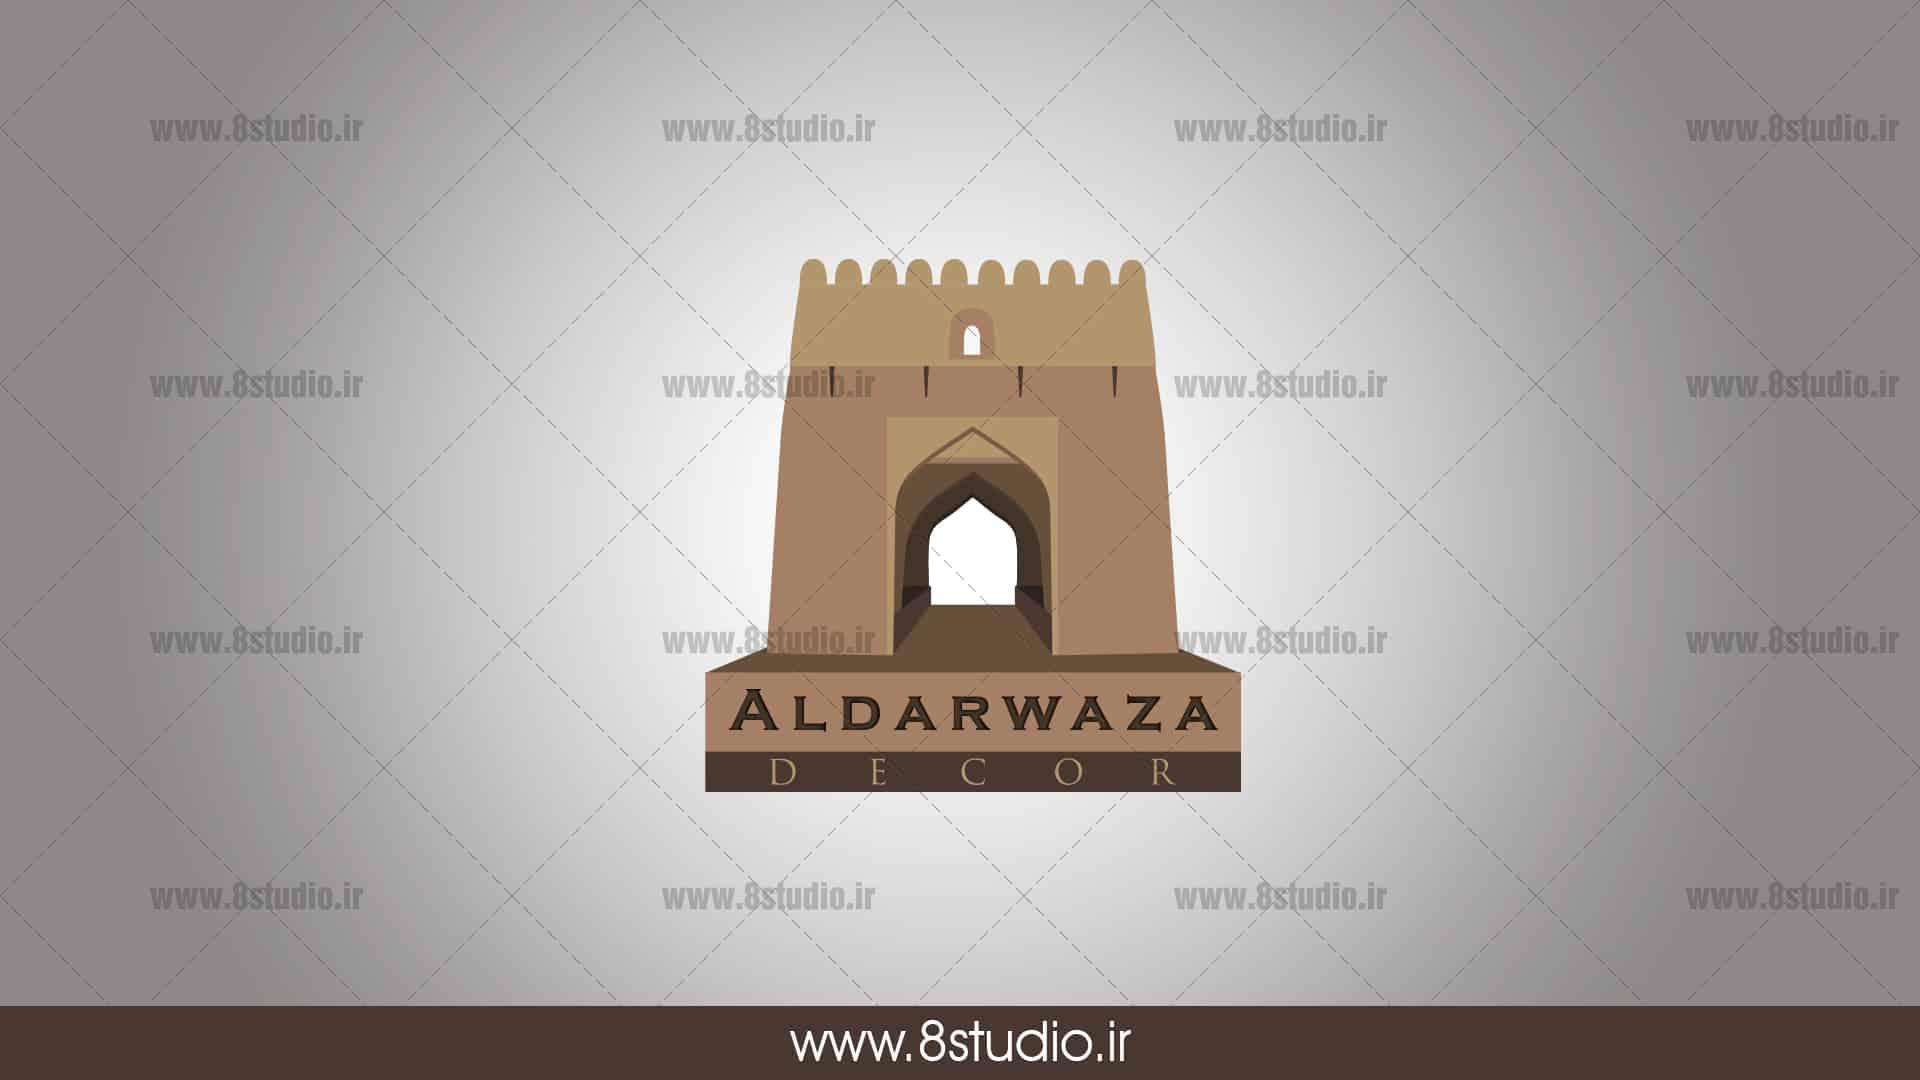 ALDARWAZA